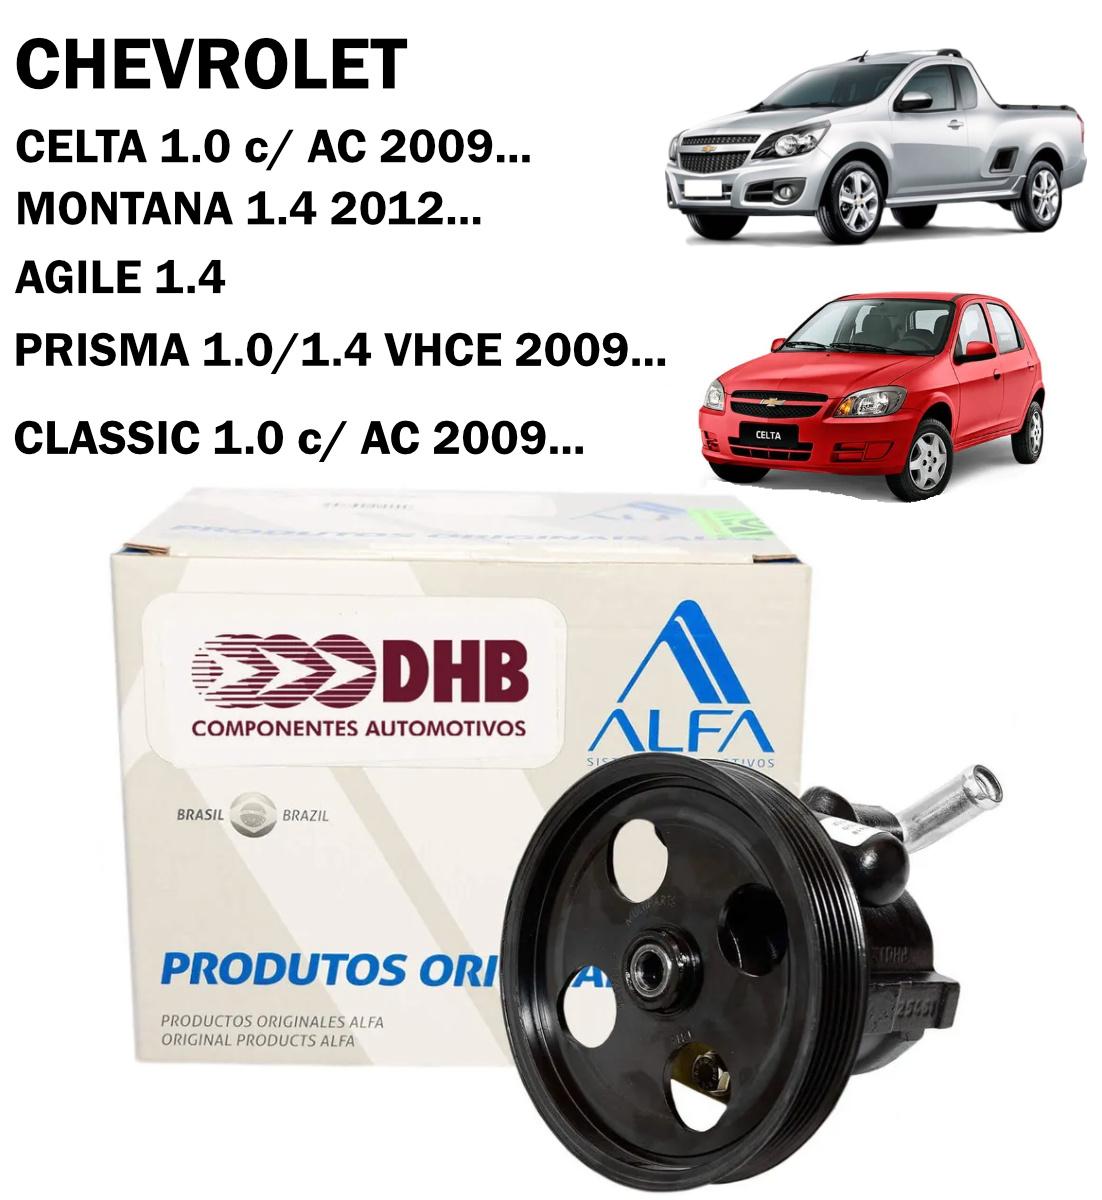 Bomba Direção Hidráulica DHB Celta 1.0 c/ AC 09..., Montana 2012..., Agile, Prisma 09..., Classic 1.0 09...